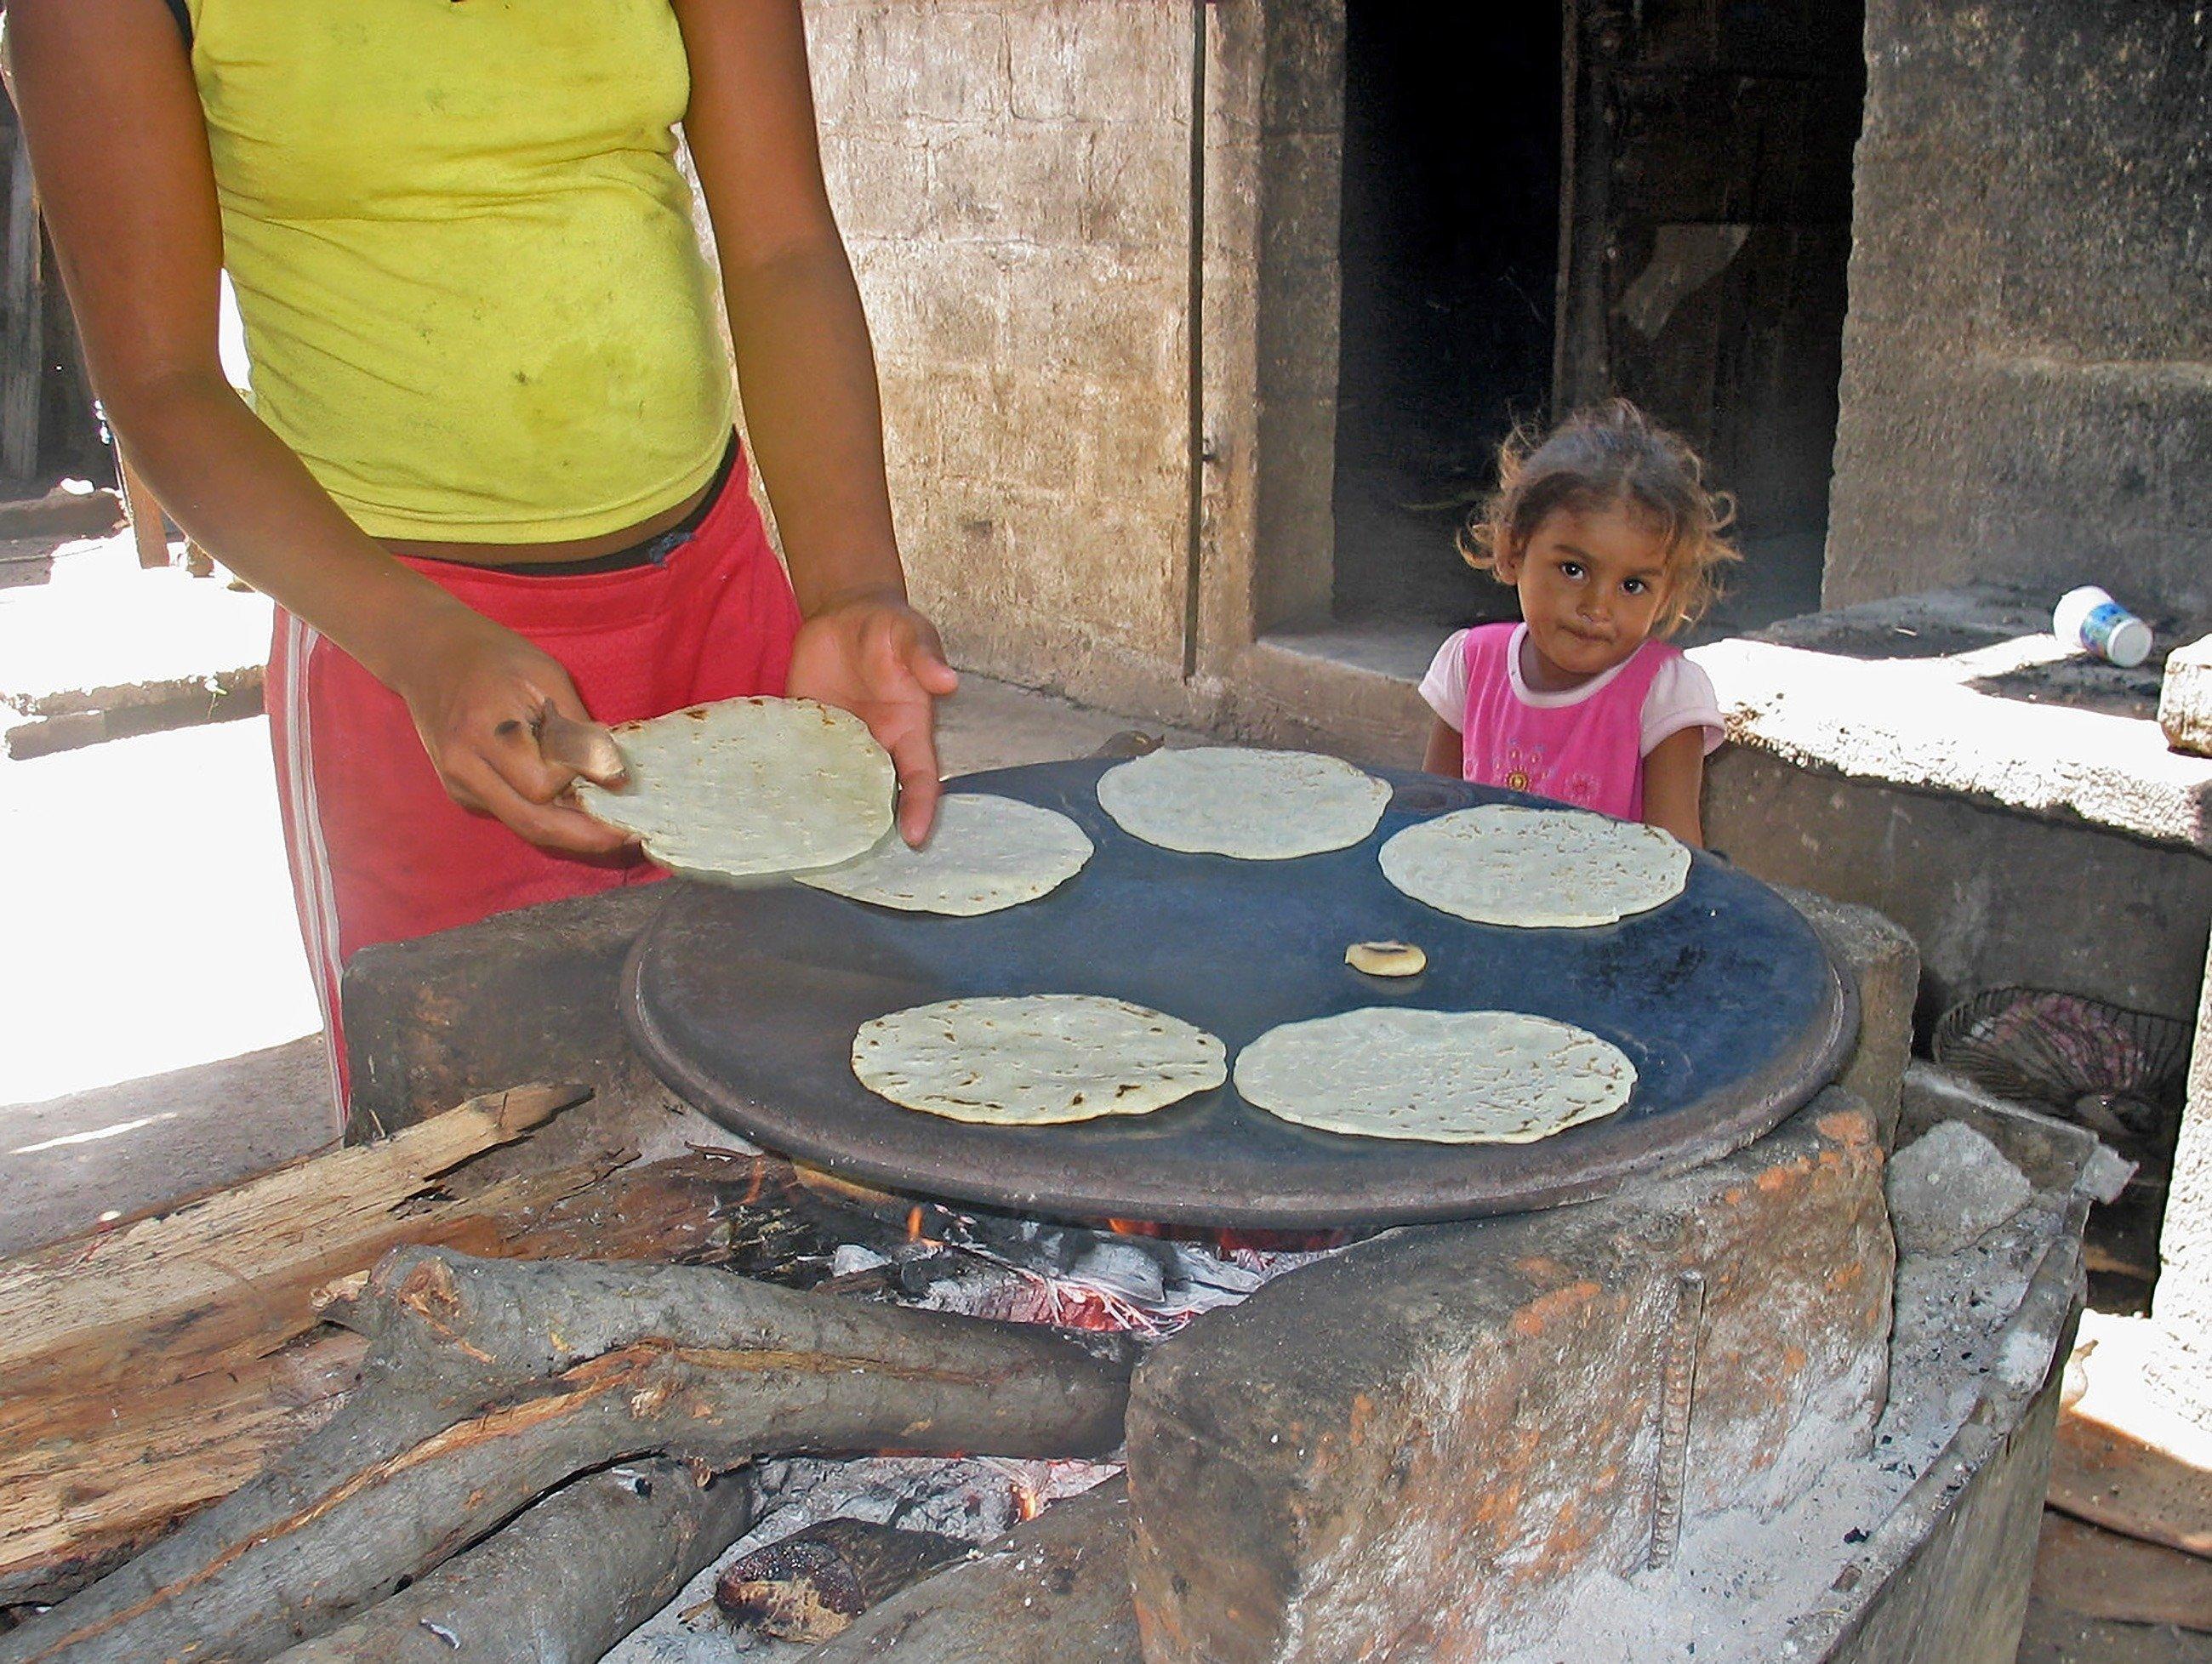 Ragazza osserva la madre intenta a preparare il pane.